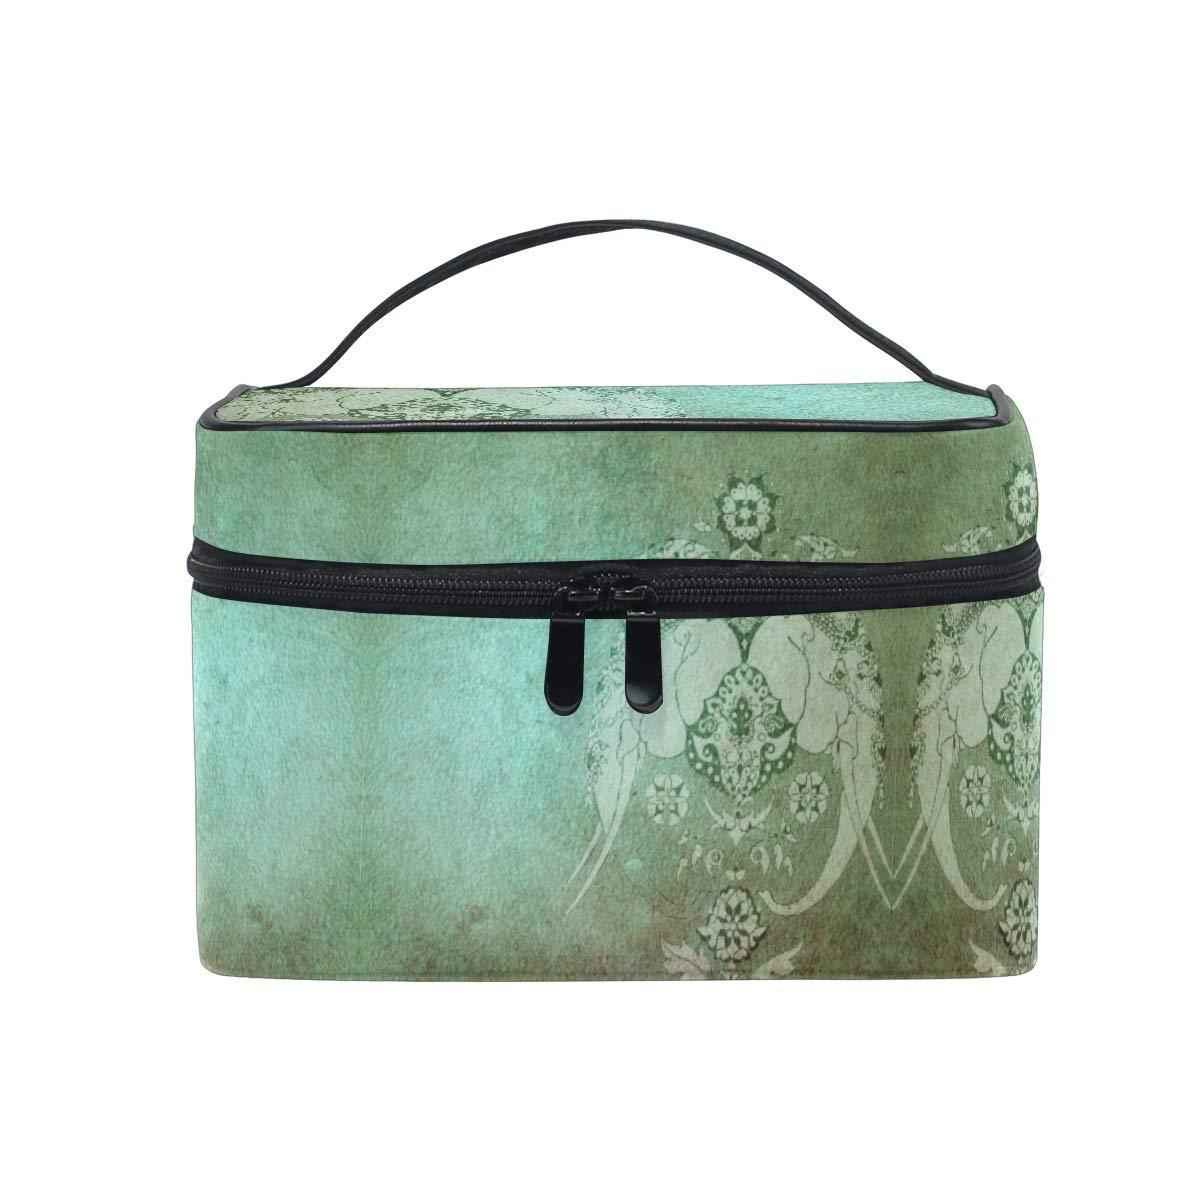 Cosmétiques Valise Beauty Case Elephant Cosmétique Valise Maquillage Marron Turquoise